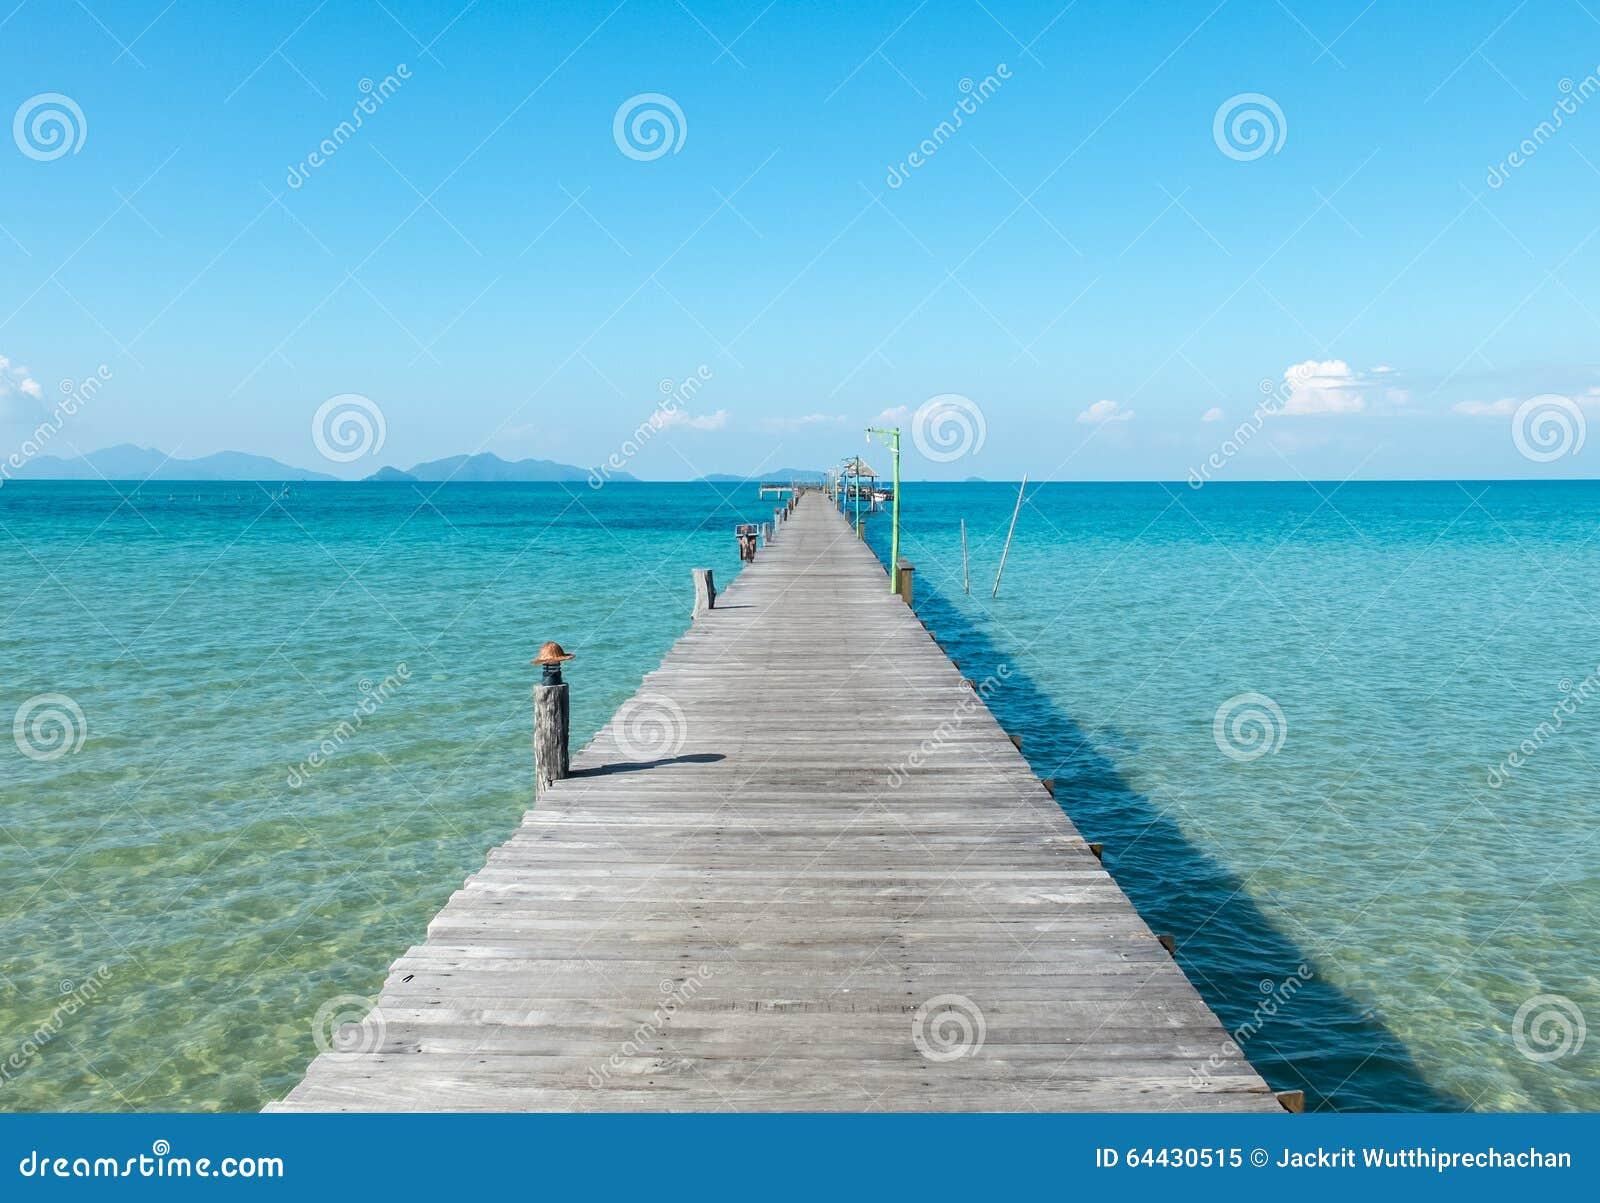 Ferien-Zeit-Konzept, hölzerner Weg zwischen Crystal Clear Blue Sea und Himmel vom Strand von Insel zum Pier in Thailand